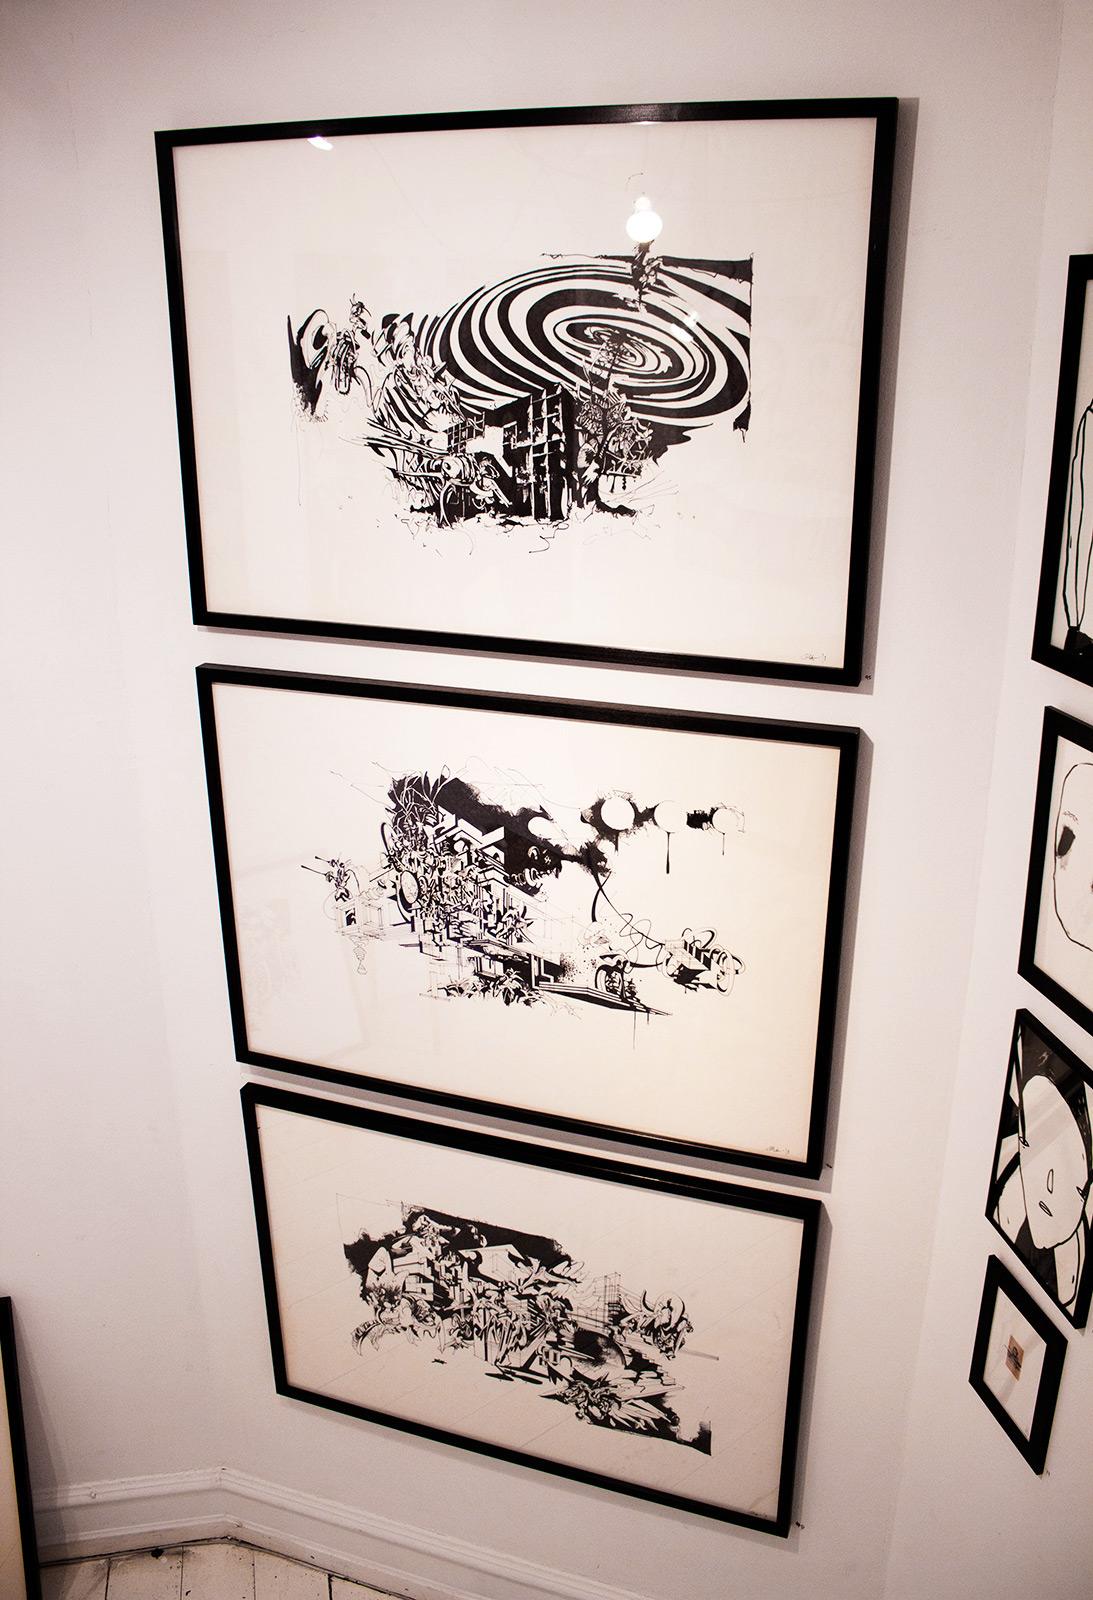 tegninger, abstrakte, ekspressionistiske, grafiske, illustrative, landskab, monokrome, arkitektur, botanik, natur, mønstre, sorte, hvide, artliner, blæk, papir, tusch, arkitektoniske, samtidskunst, dansk, design, interiør, bolig-indretning, moderne, moderne-kunst, nordisk, skandinavisk, Køb original kunst og kunstplakater. Malerier, tegninger, limited edition kunsttryk & plakater af dygtige kunstnere.